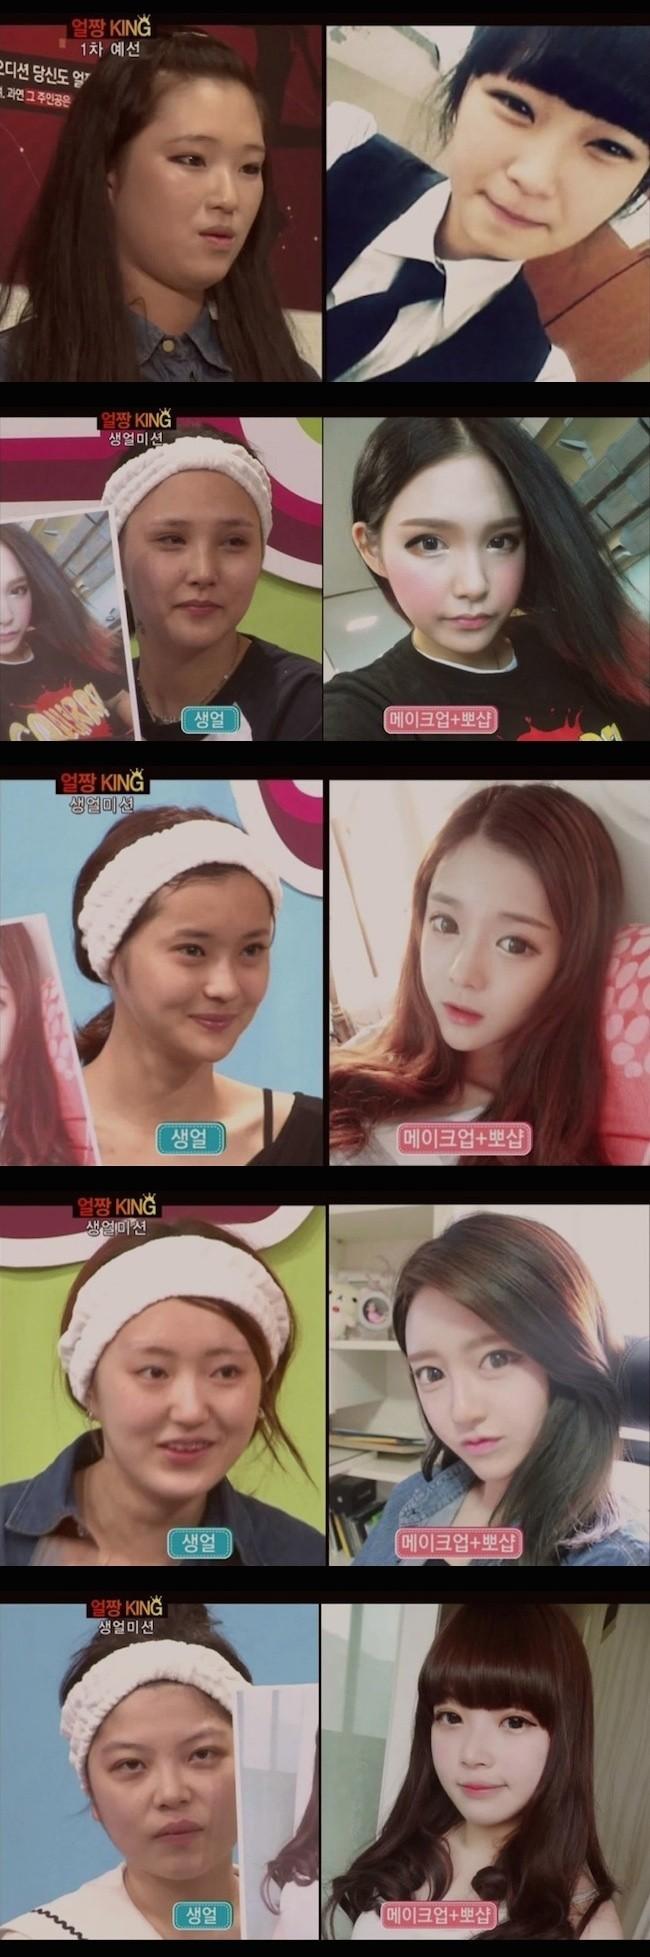 詐欺写メ! 韓国女子の写真加工技術が高すぎて完全に別人(笑)